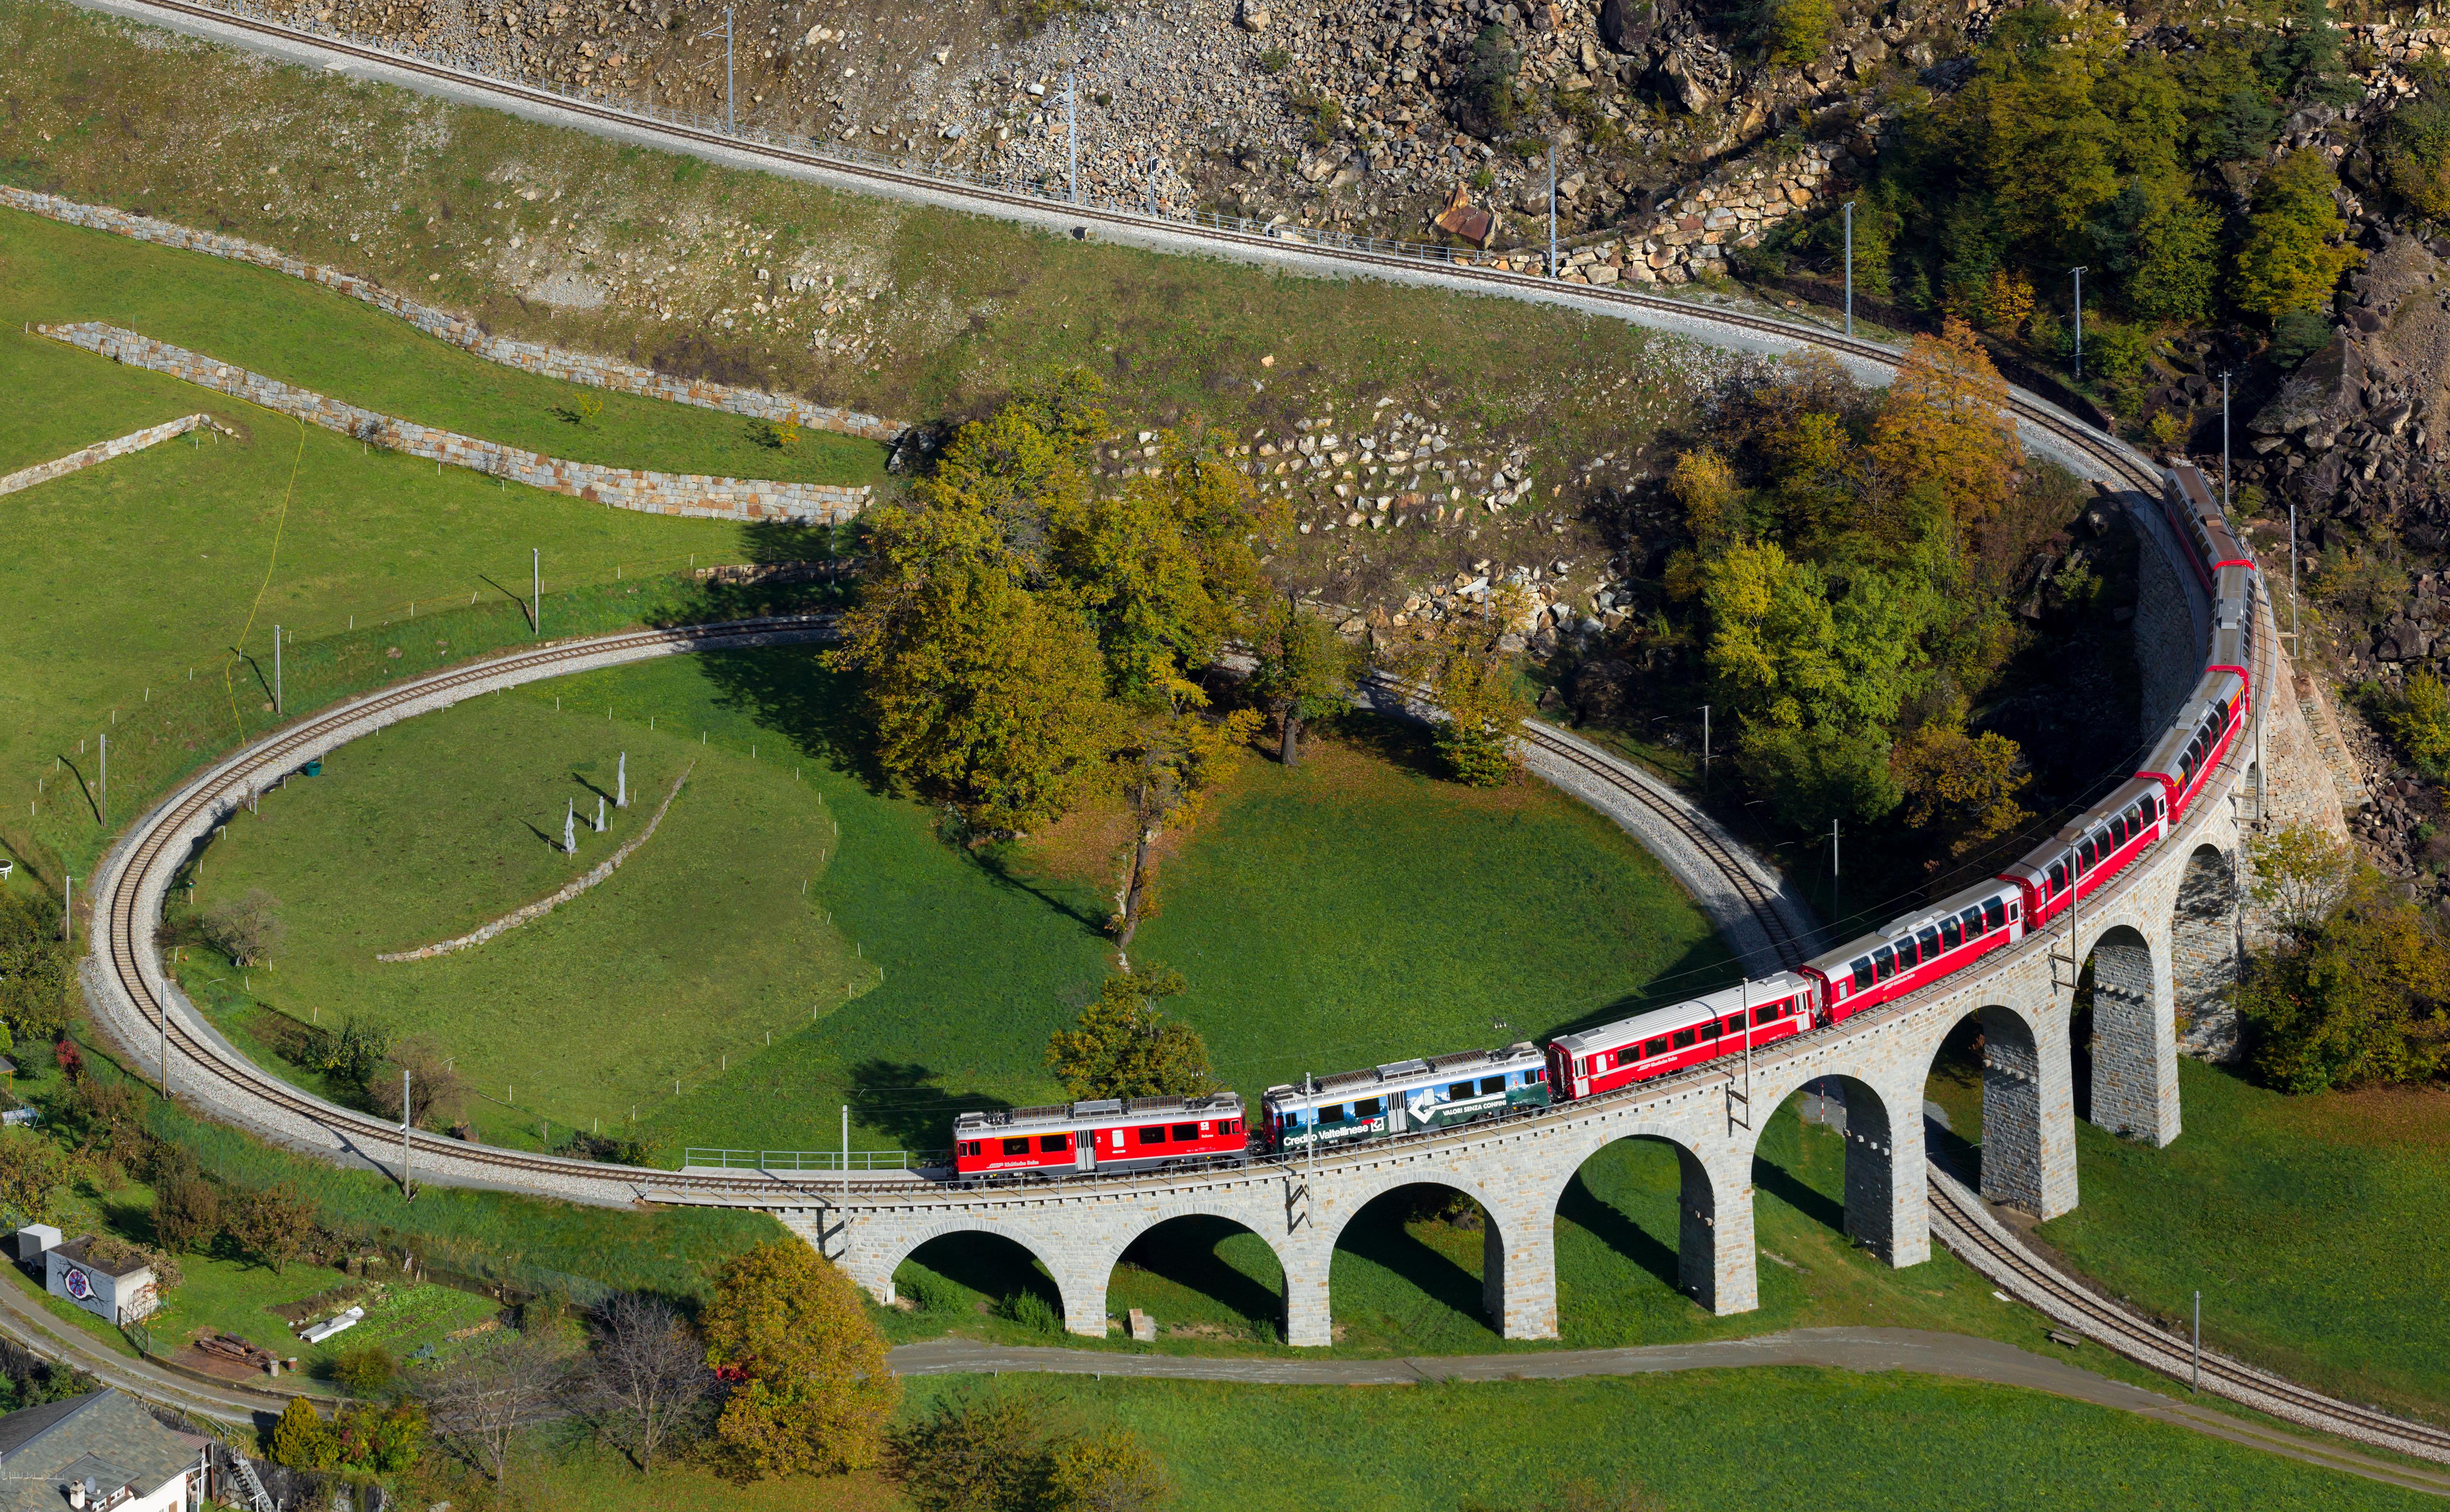 Bekijk de wereld vanuit de trein – de 5 mooiste spoorwegen